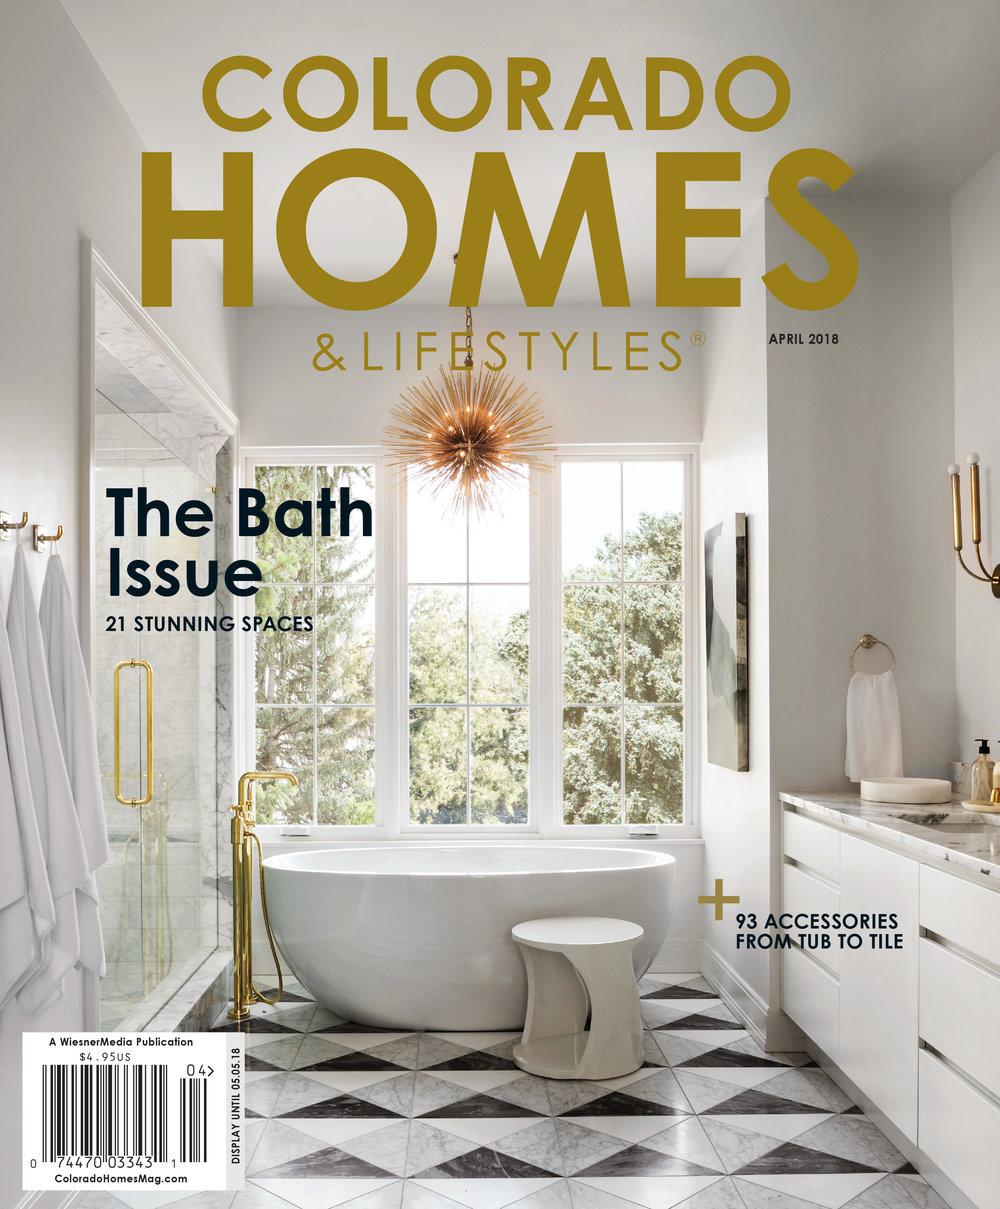 COLORADO HOMES COVER.jpg